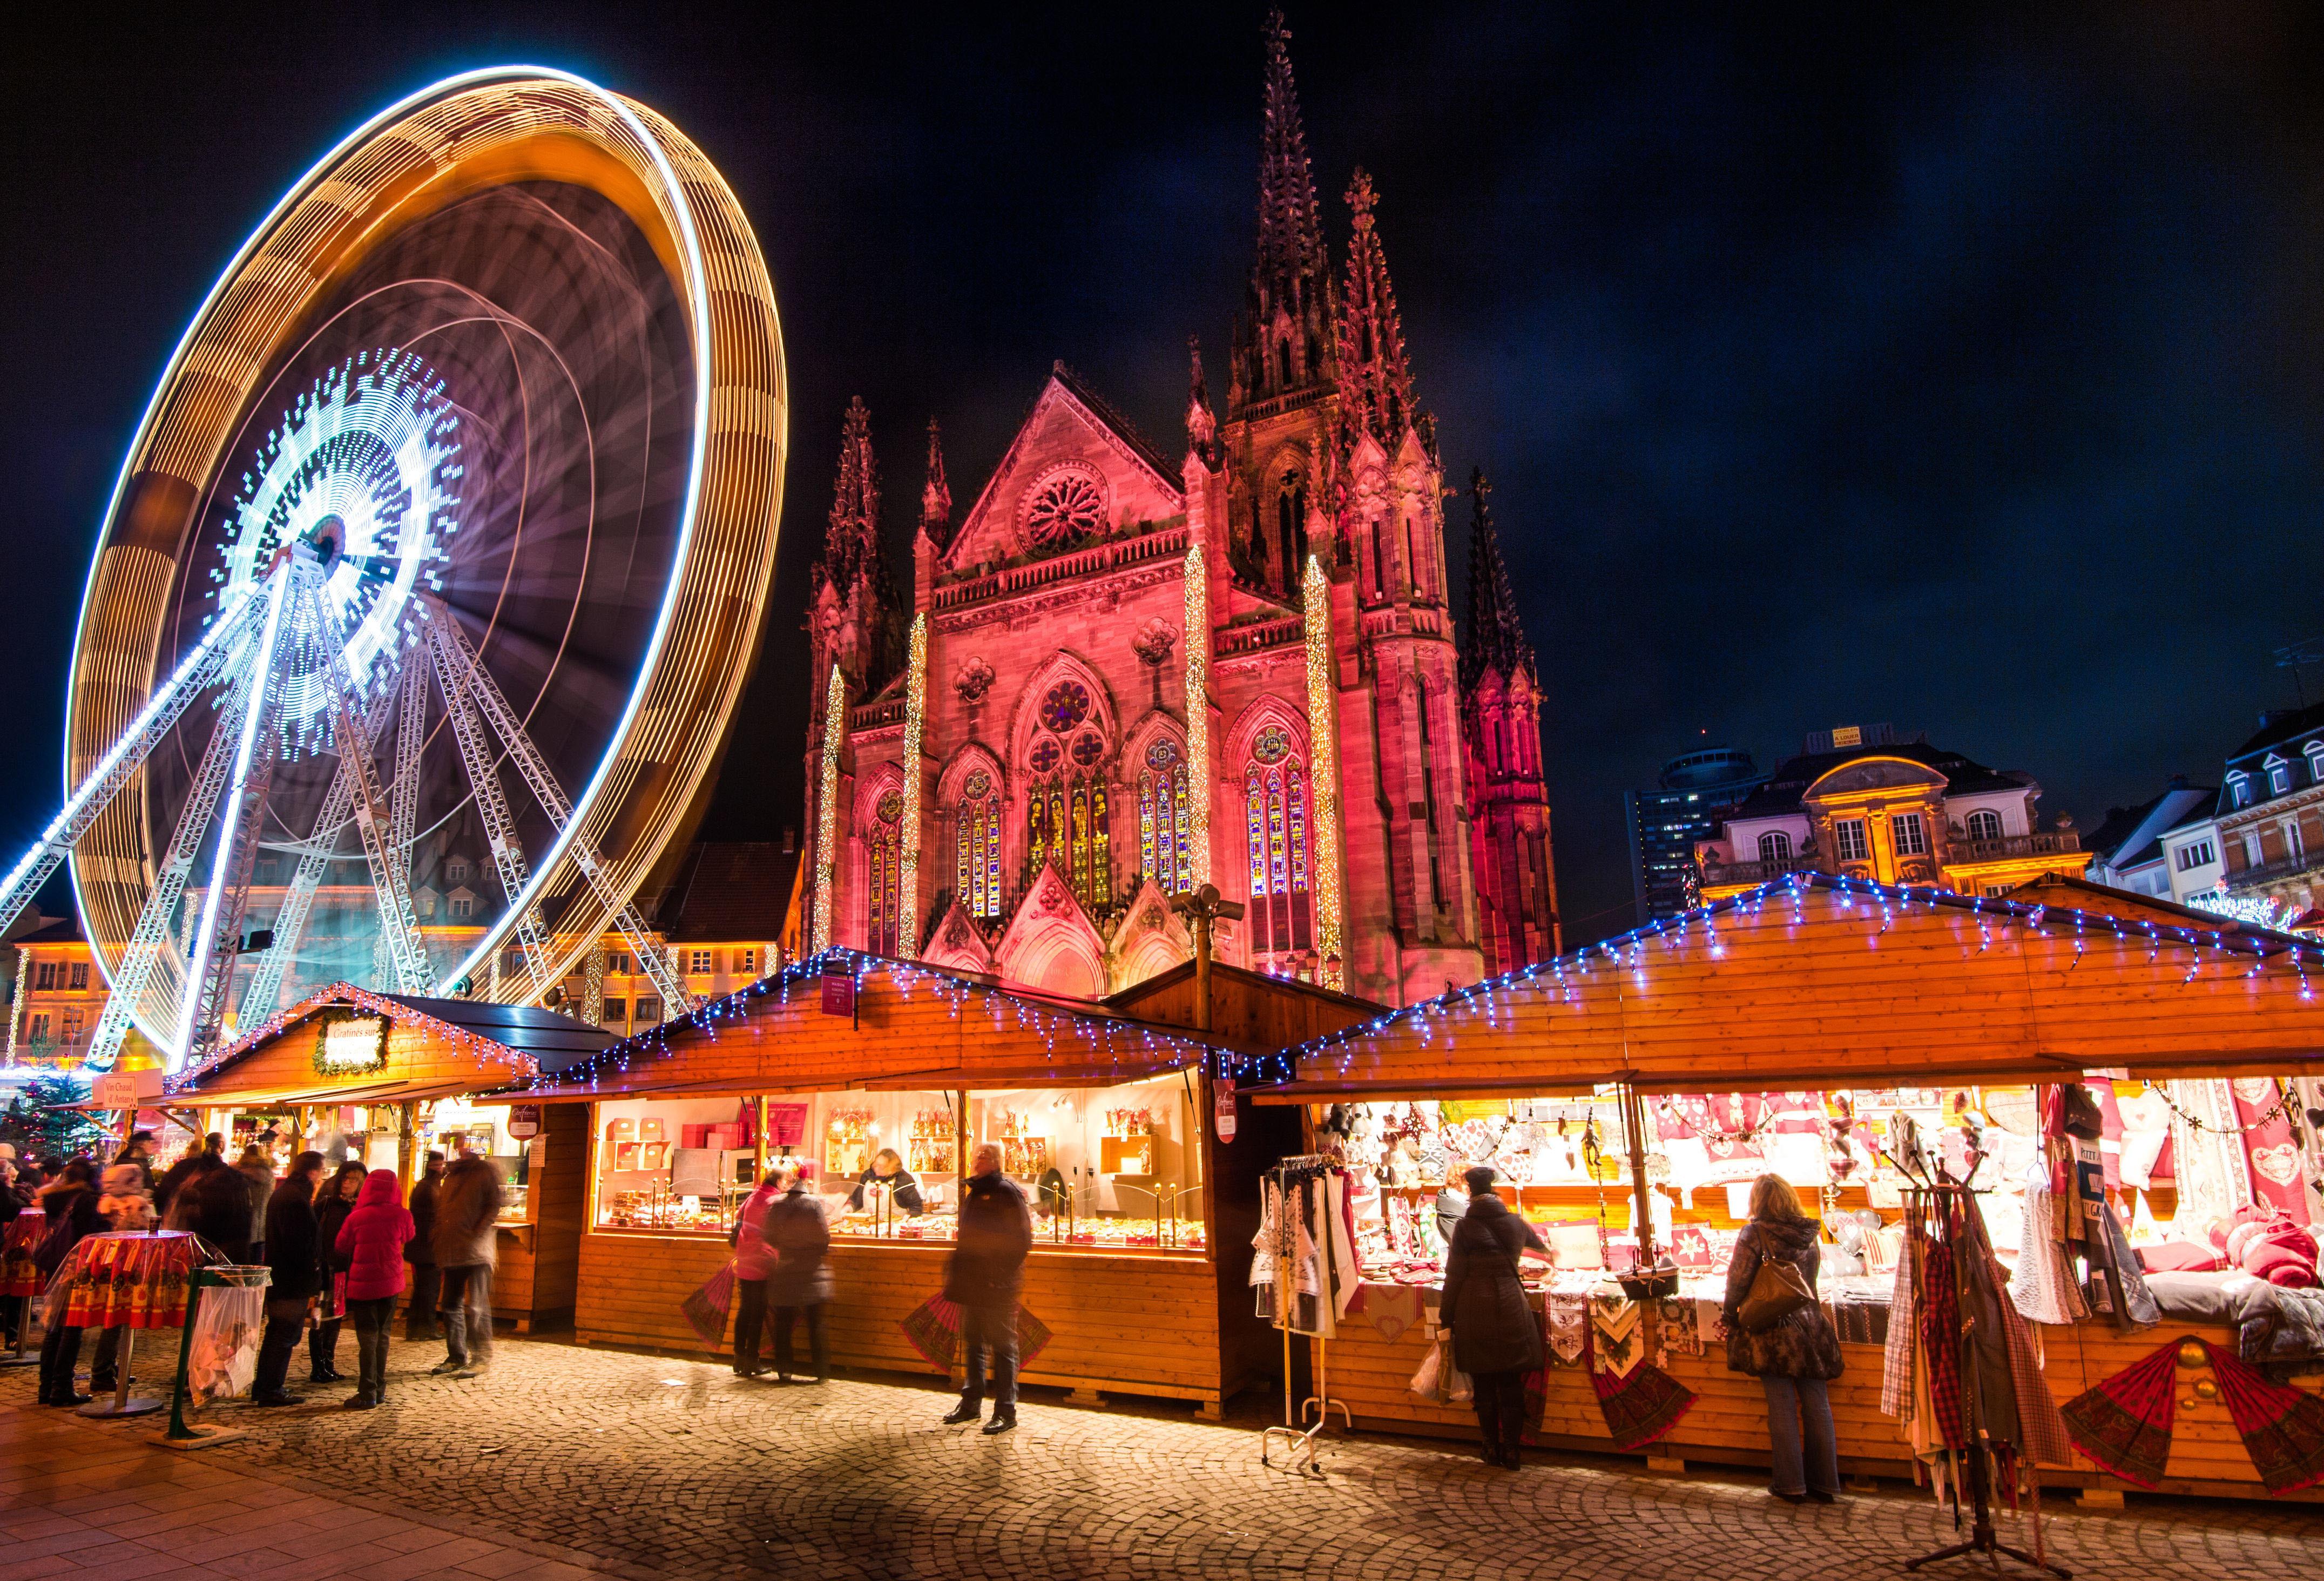 Le marché de Noël de Mulhouse en Alsace dans le Haut-Rhin